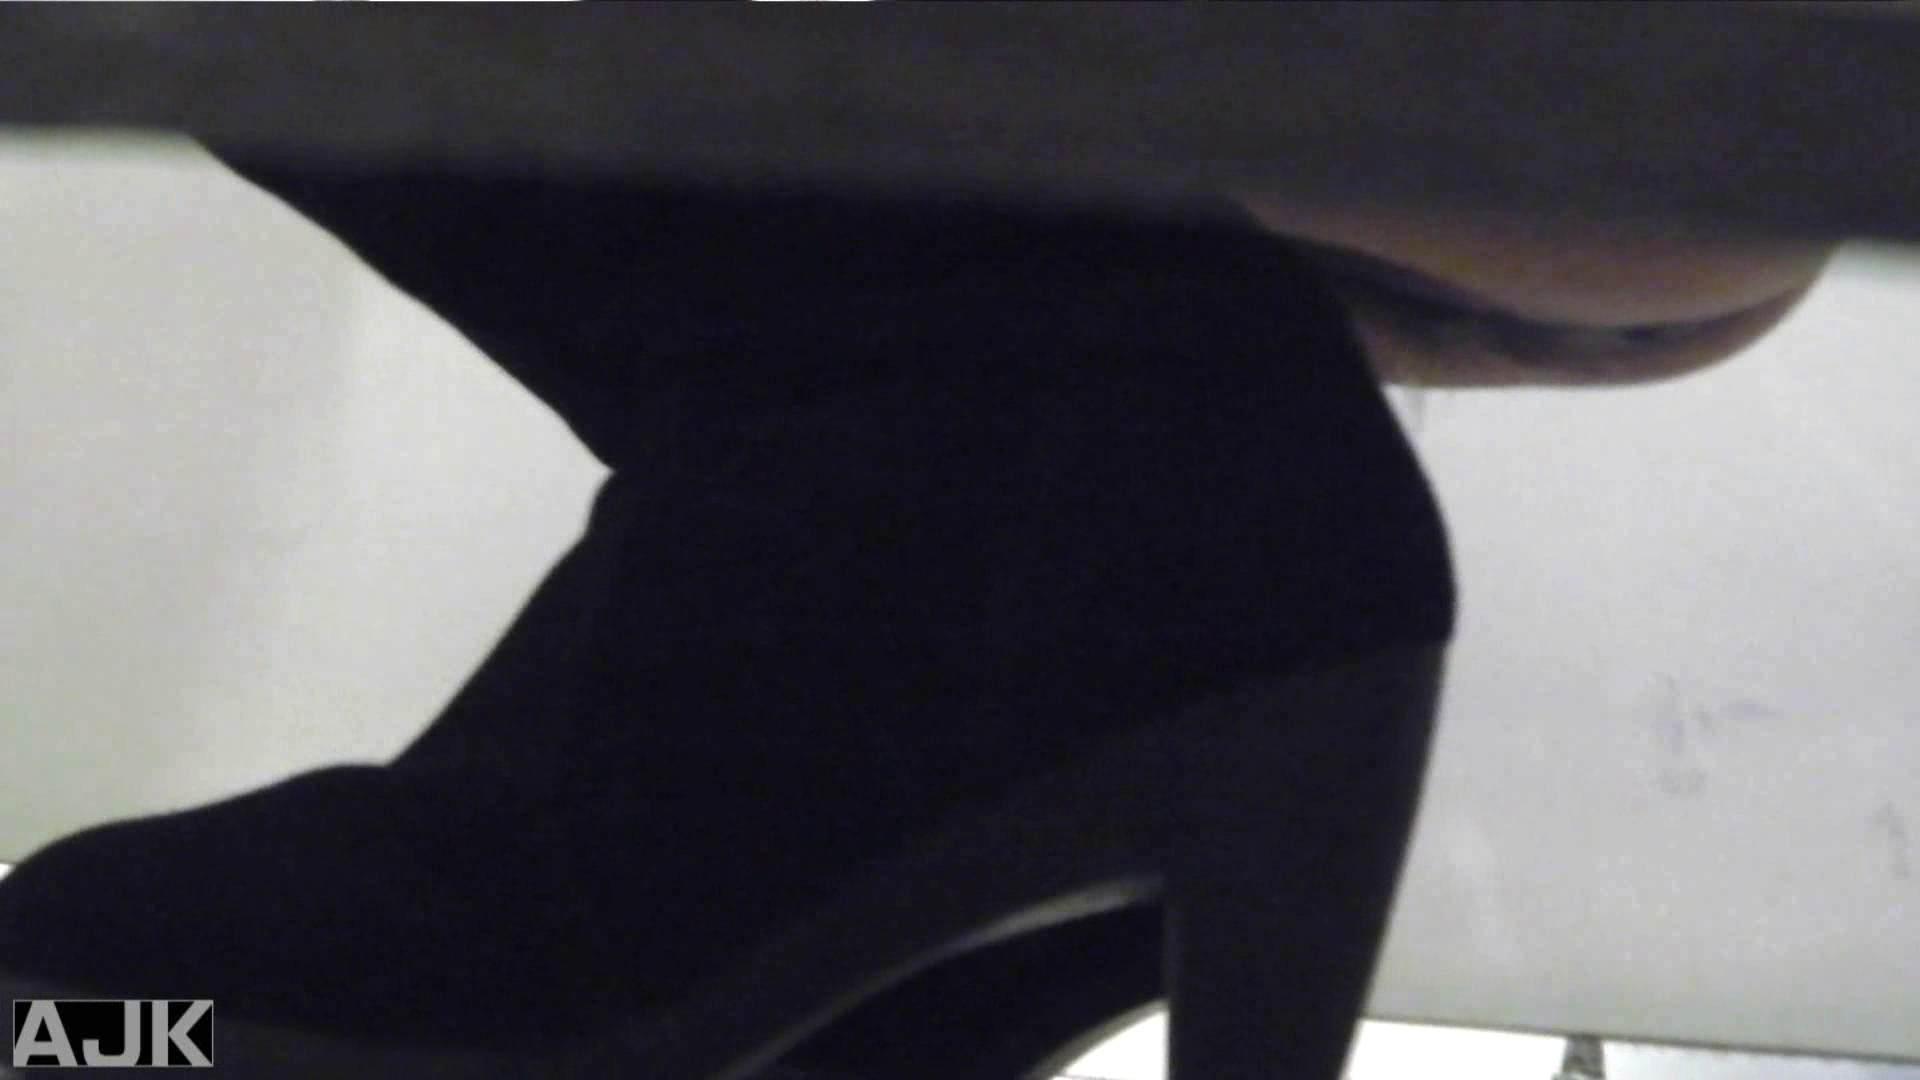 隣国上階級エリアの令嬢たちが集うデパートお手洗い Vol.30 洗面所 AV動画キャプチャ 92画像 24